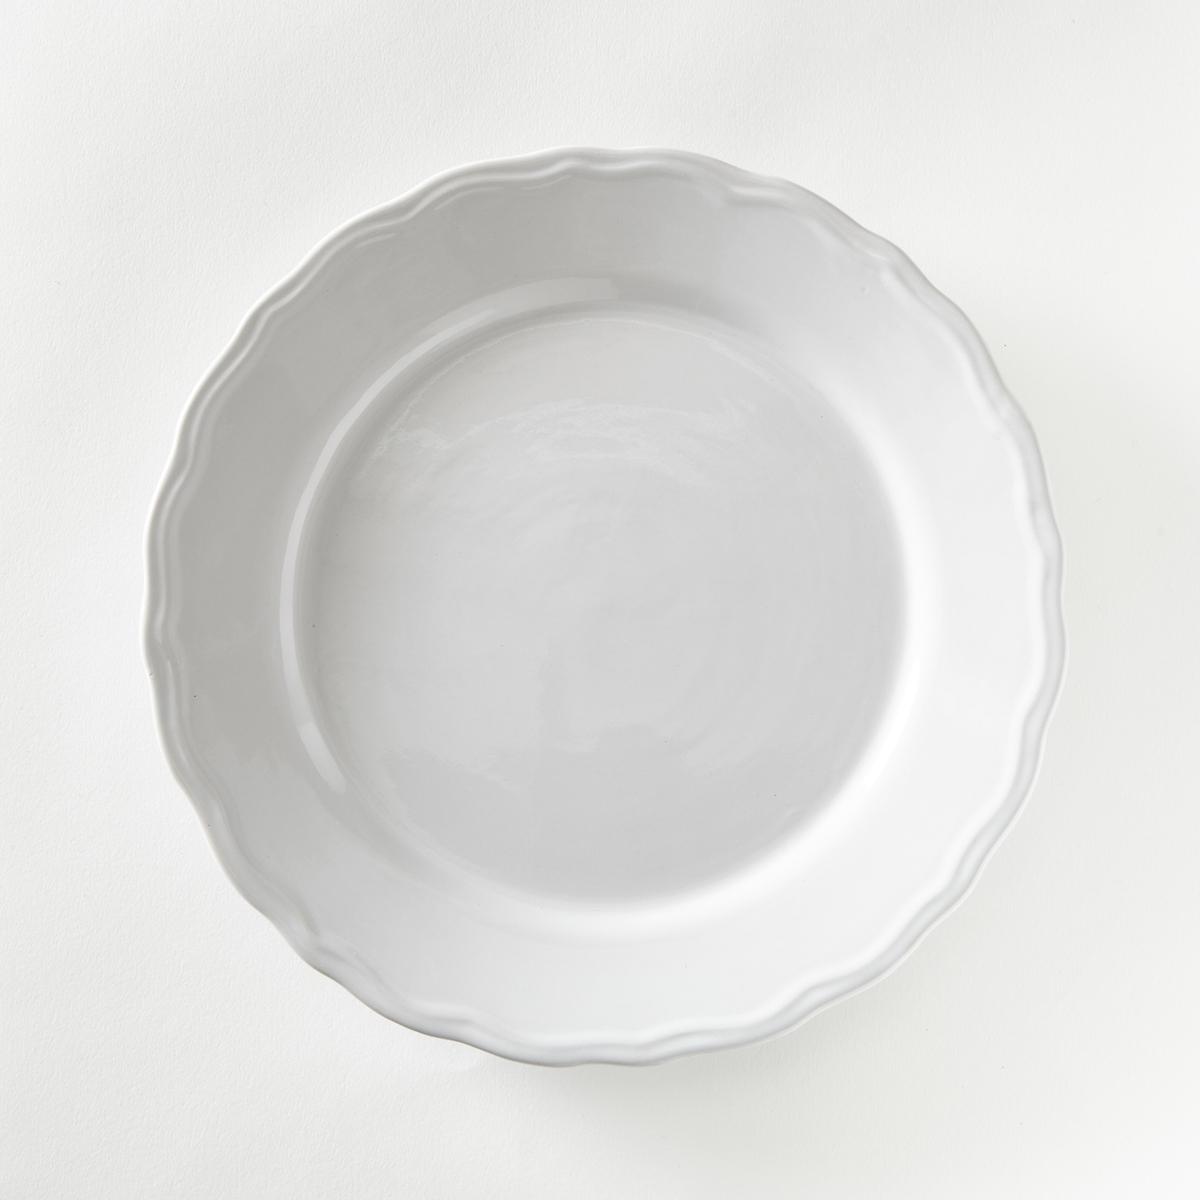 4 тарелки плоские с отделкой фестоном, AjilaХарактеристики 4 тарелок плоских с отделкой фестоном Ajila :- Из фаянса, зубчатая кромка.- Диаметр 26,5 см  .- Можно использовать в посудомоечных машинах и микроволновых печах.Десертные и глубокие тарелки,чашки, кружки и блюдца Ajila продаются на нашем сайте.<br><br>Цвет: белый,серо-коричневый<br>Размер: единый размер